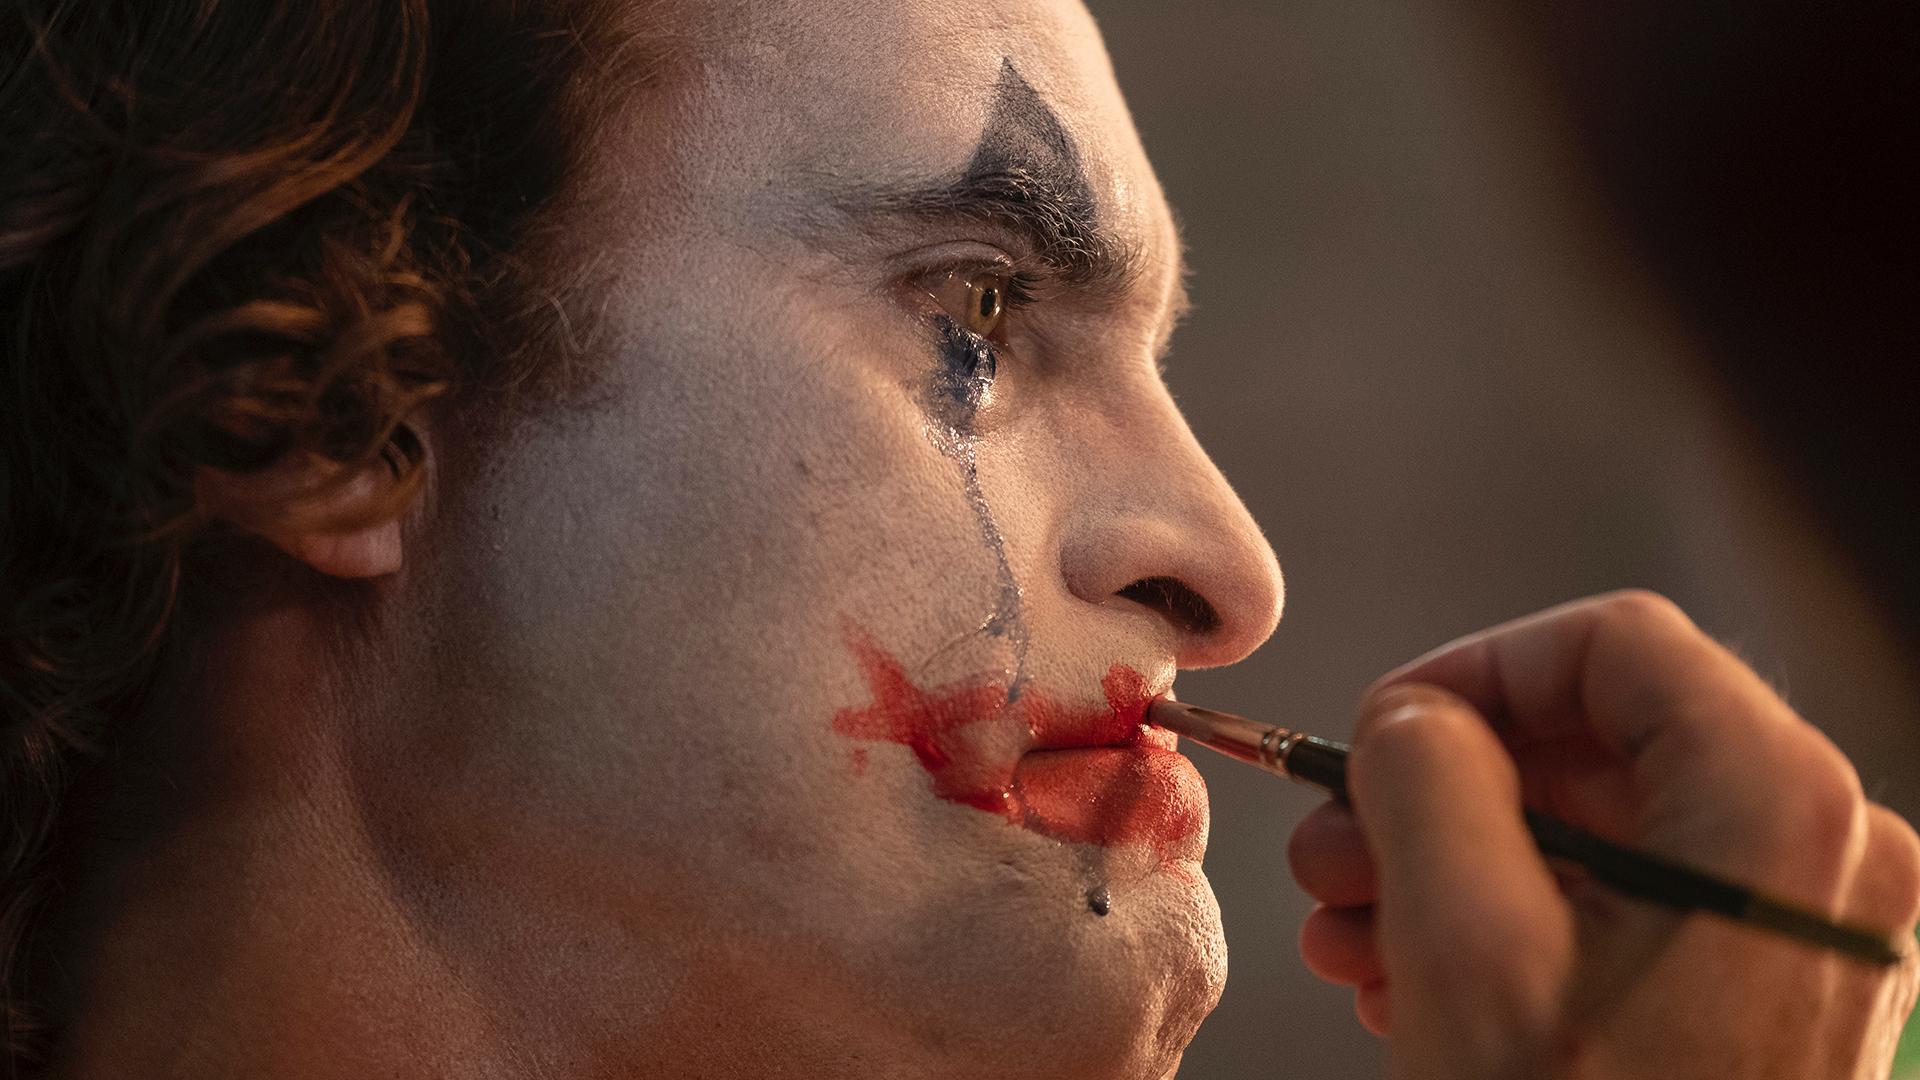 【何止电影·A站独家】终于,我要来和你聊聊这部电影了《小丑》